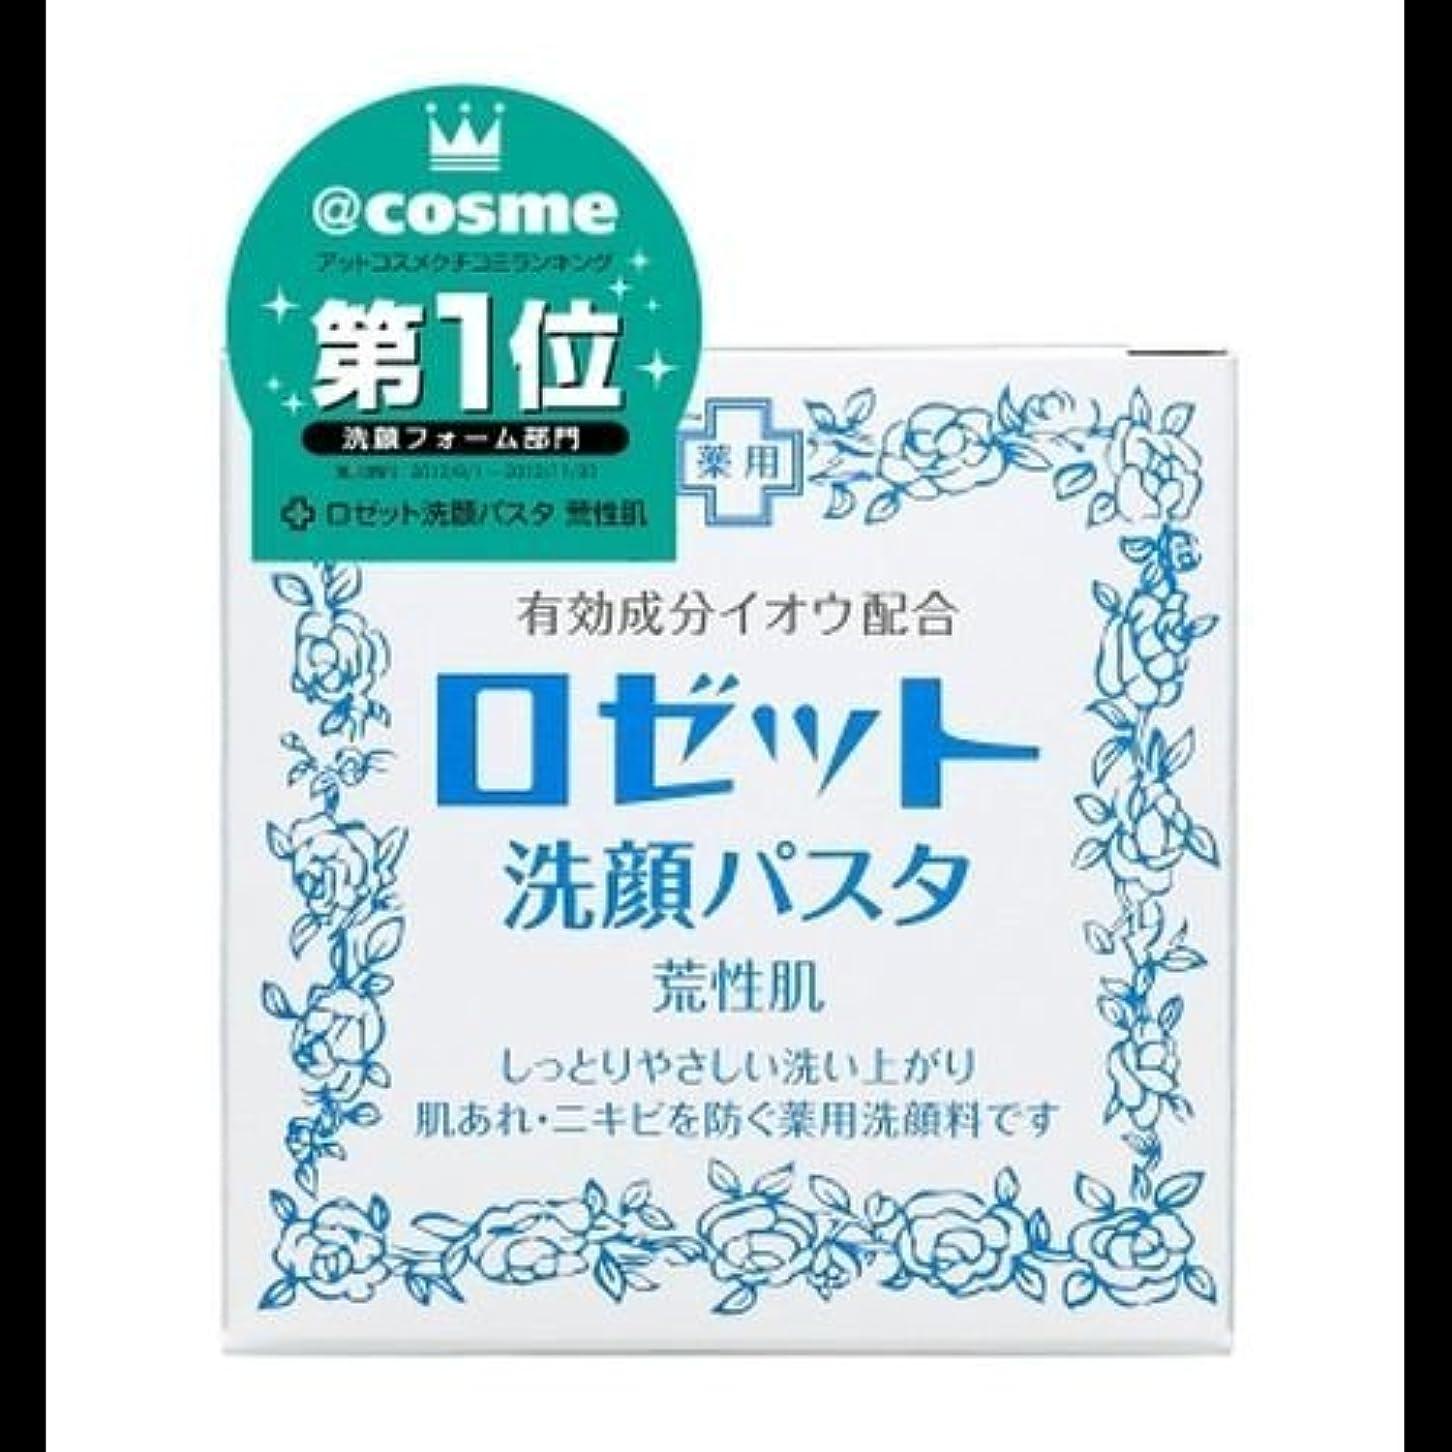 膜ピンク覗く【まとめ買い】ロゼット 洗顔パスタ 荒性90g ×2セット